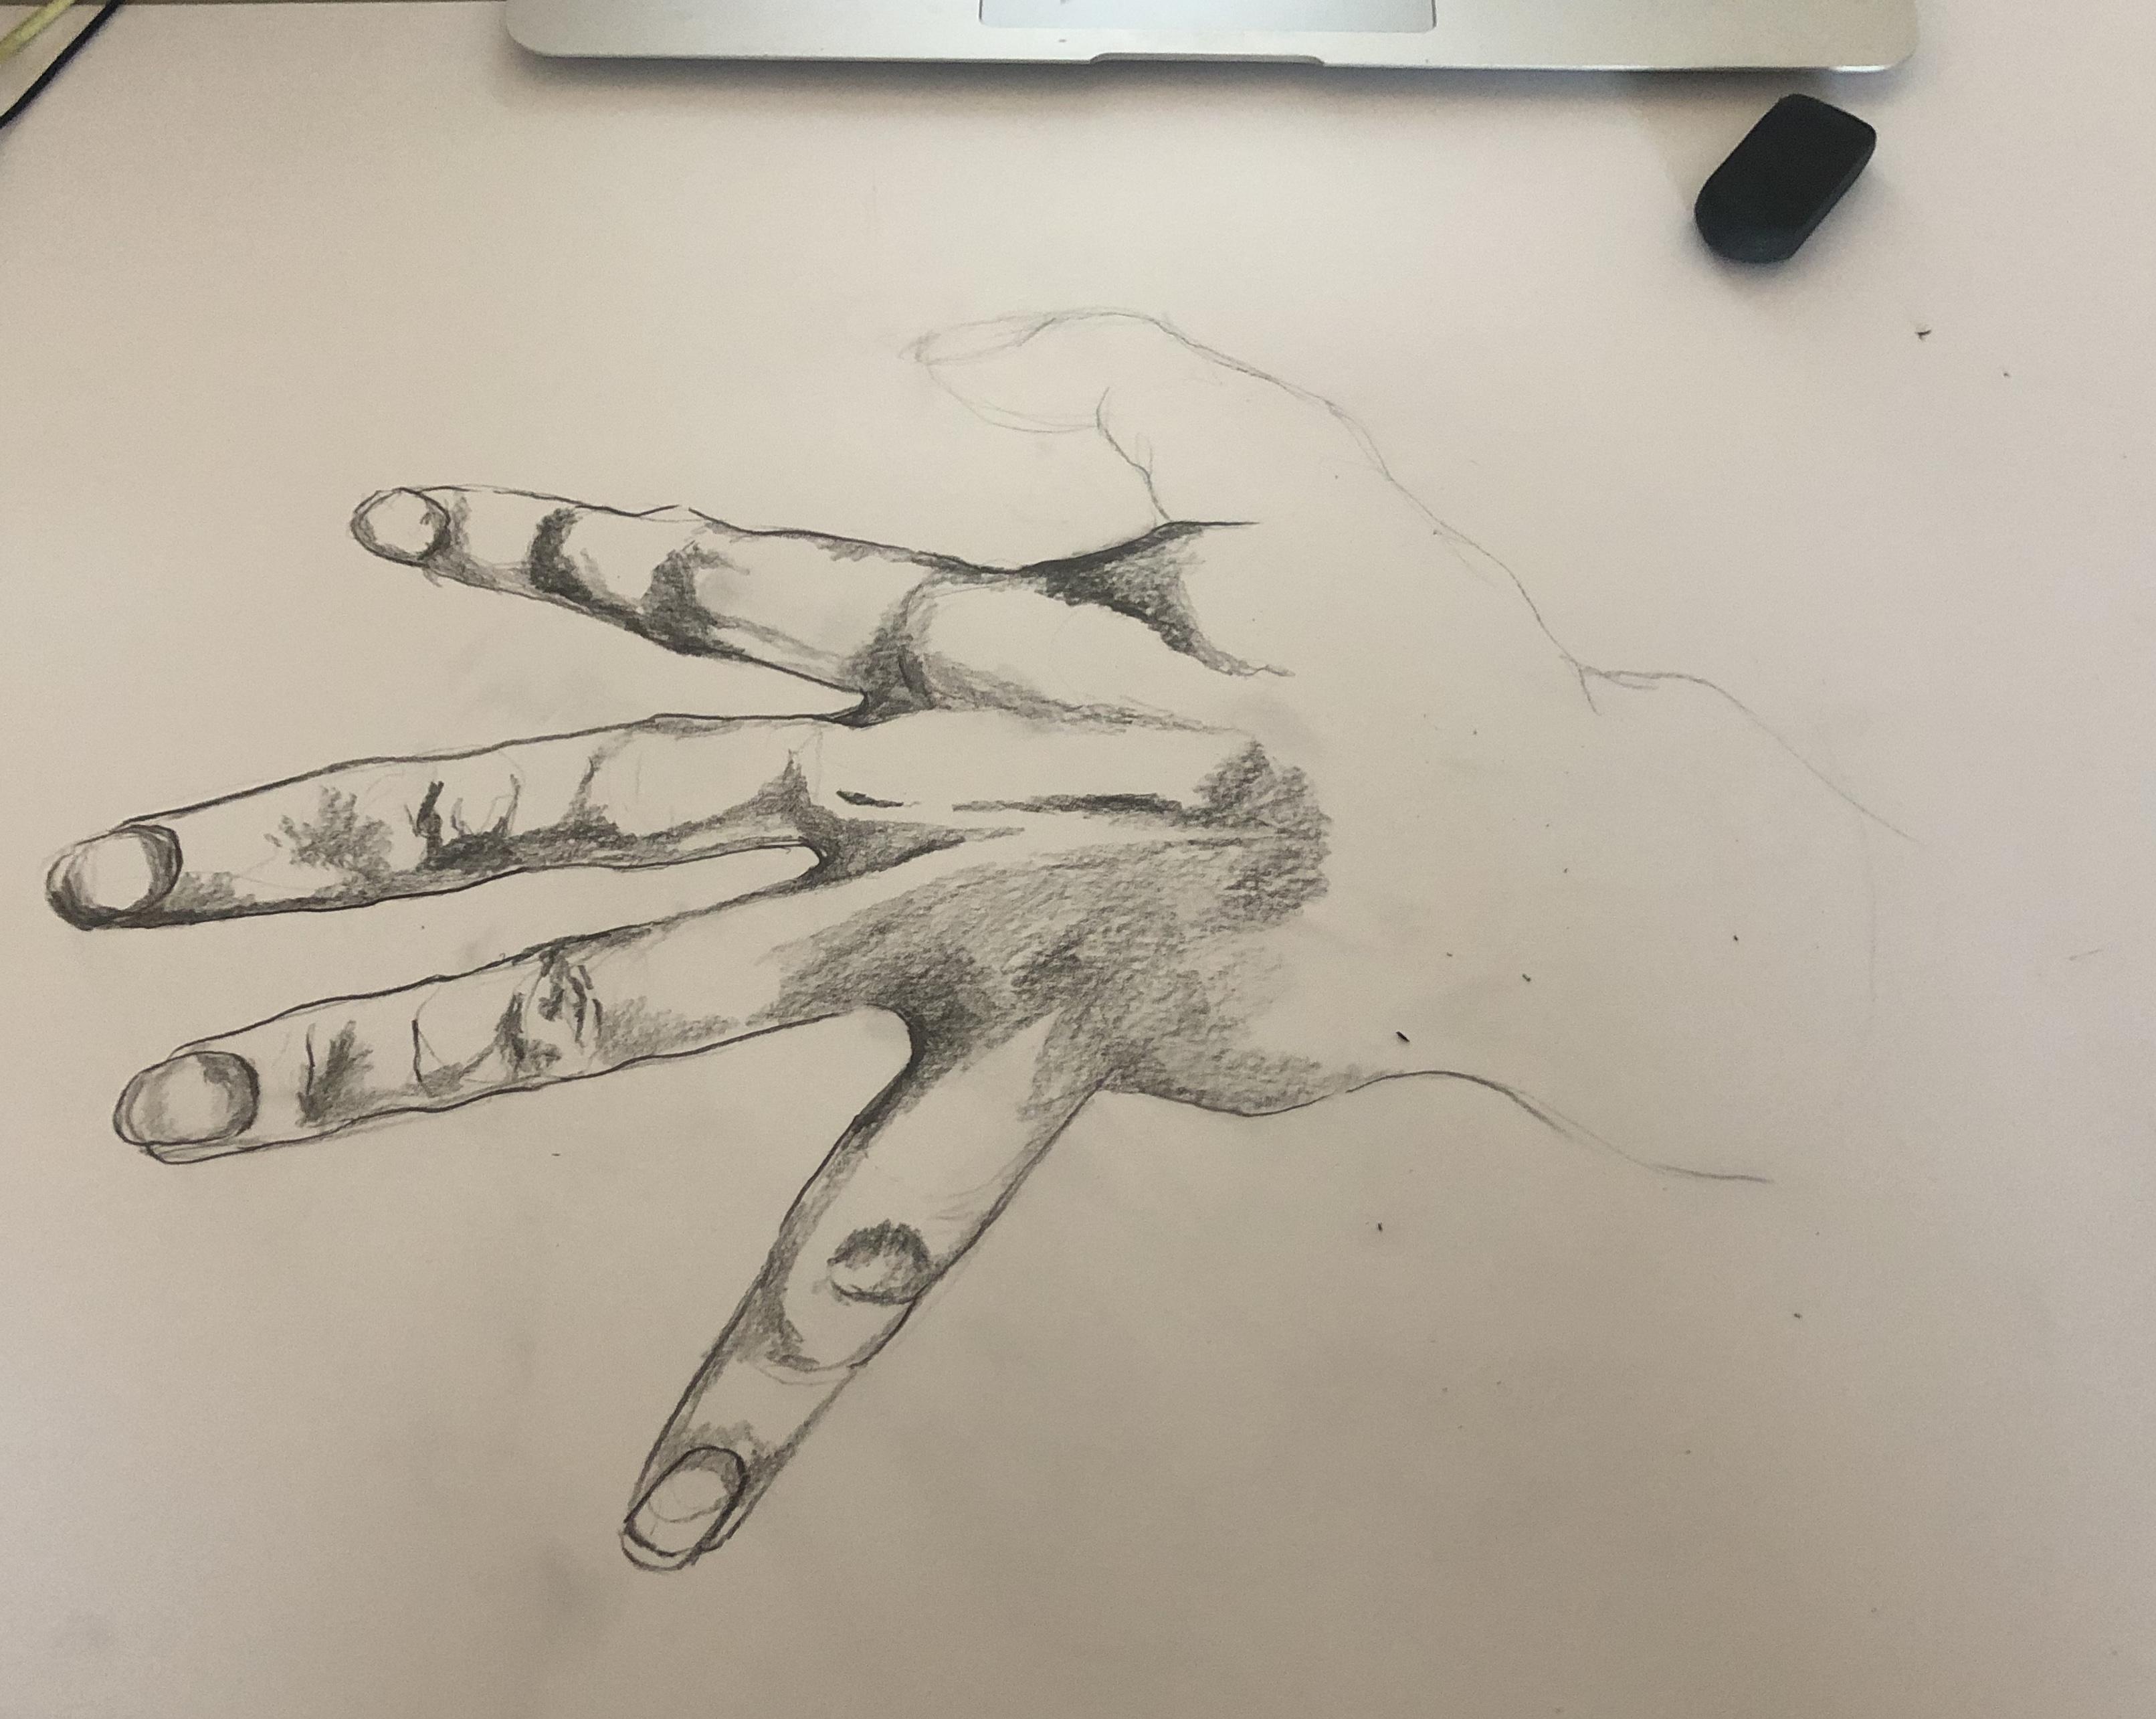 Esquisse crayon de papier main sur papier  cours de dessin